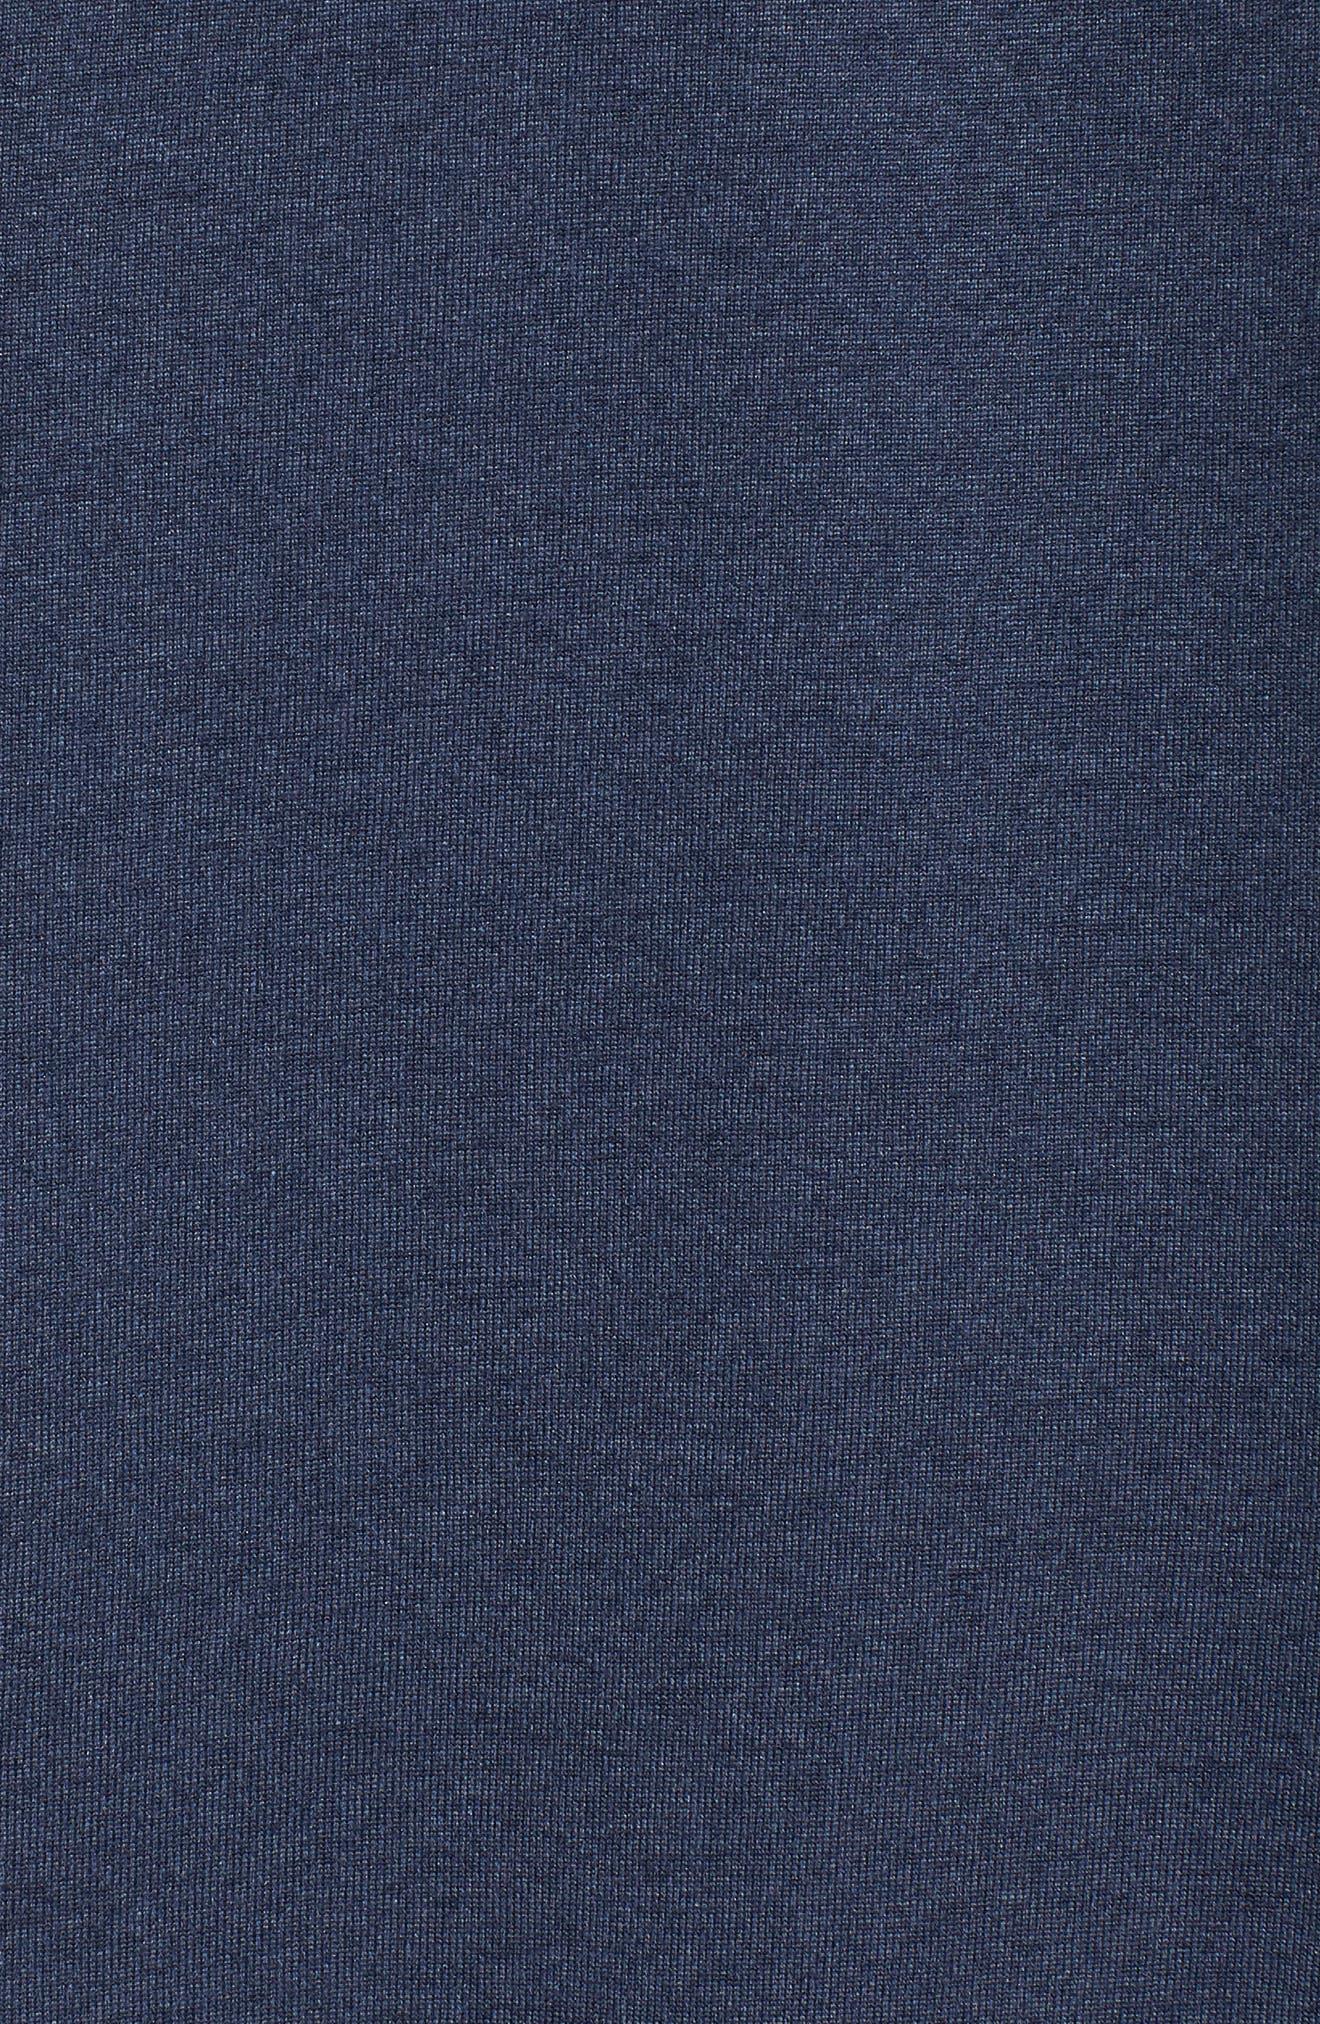 'Legend 2.0' Long Sleeve Dri-FIT Training T-Shirt,                             Alternate thumbnail 5, color,                             THUNDER BLUE/ BLACK